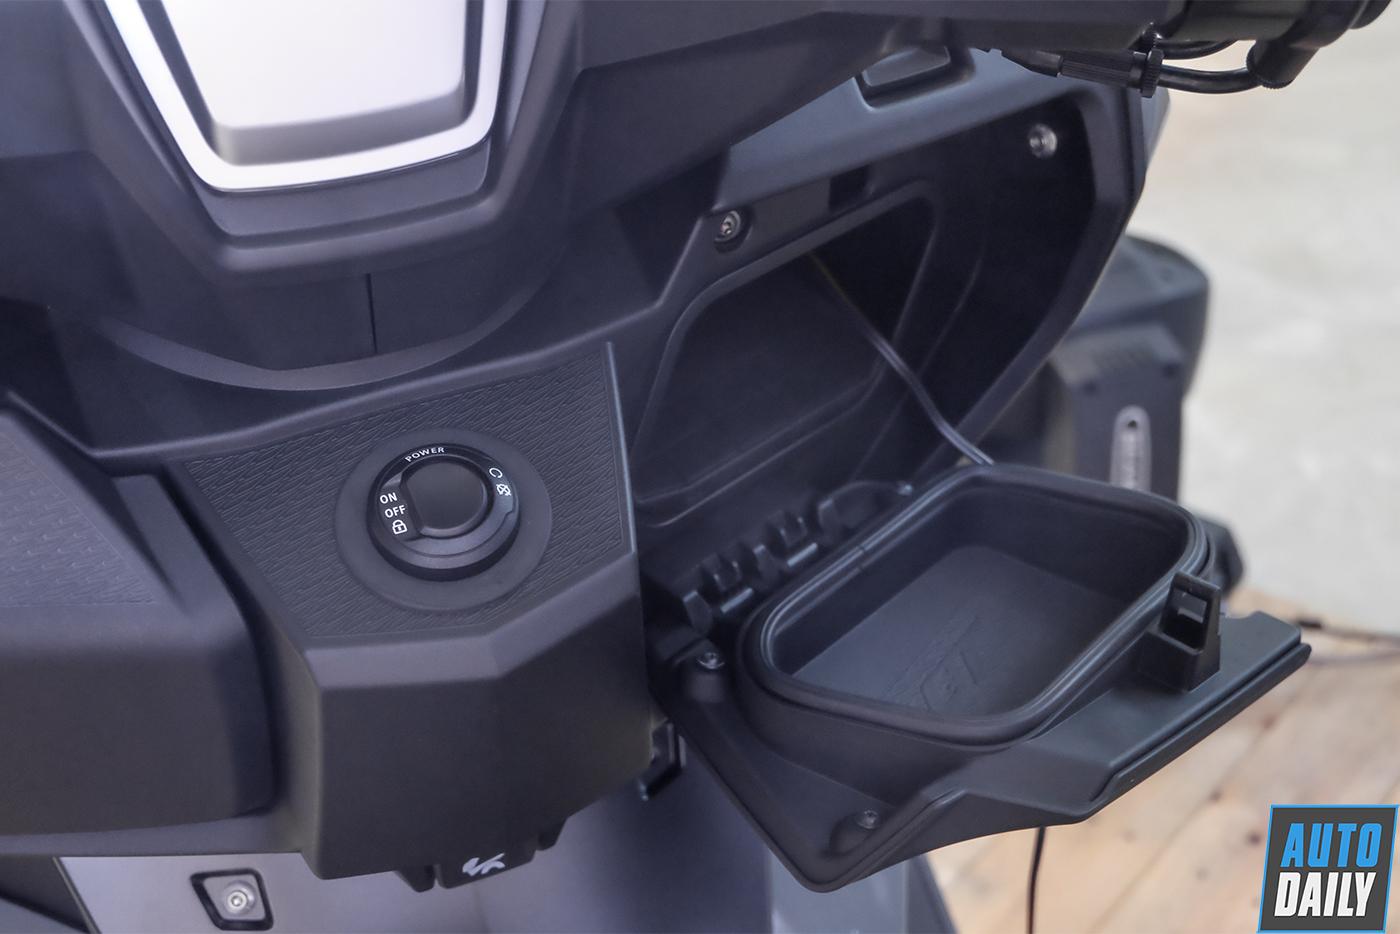 bmw-motorrad-c400gt-33.jpg